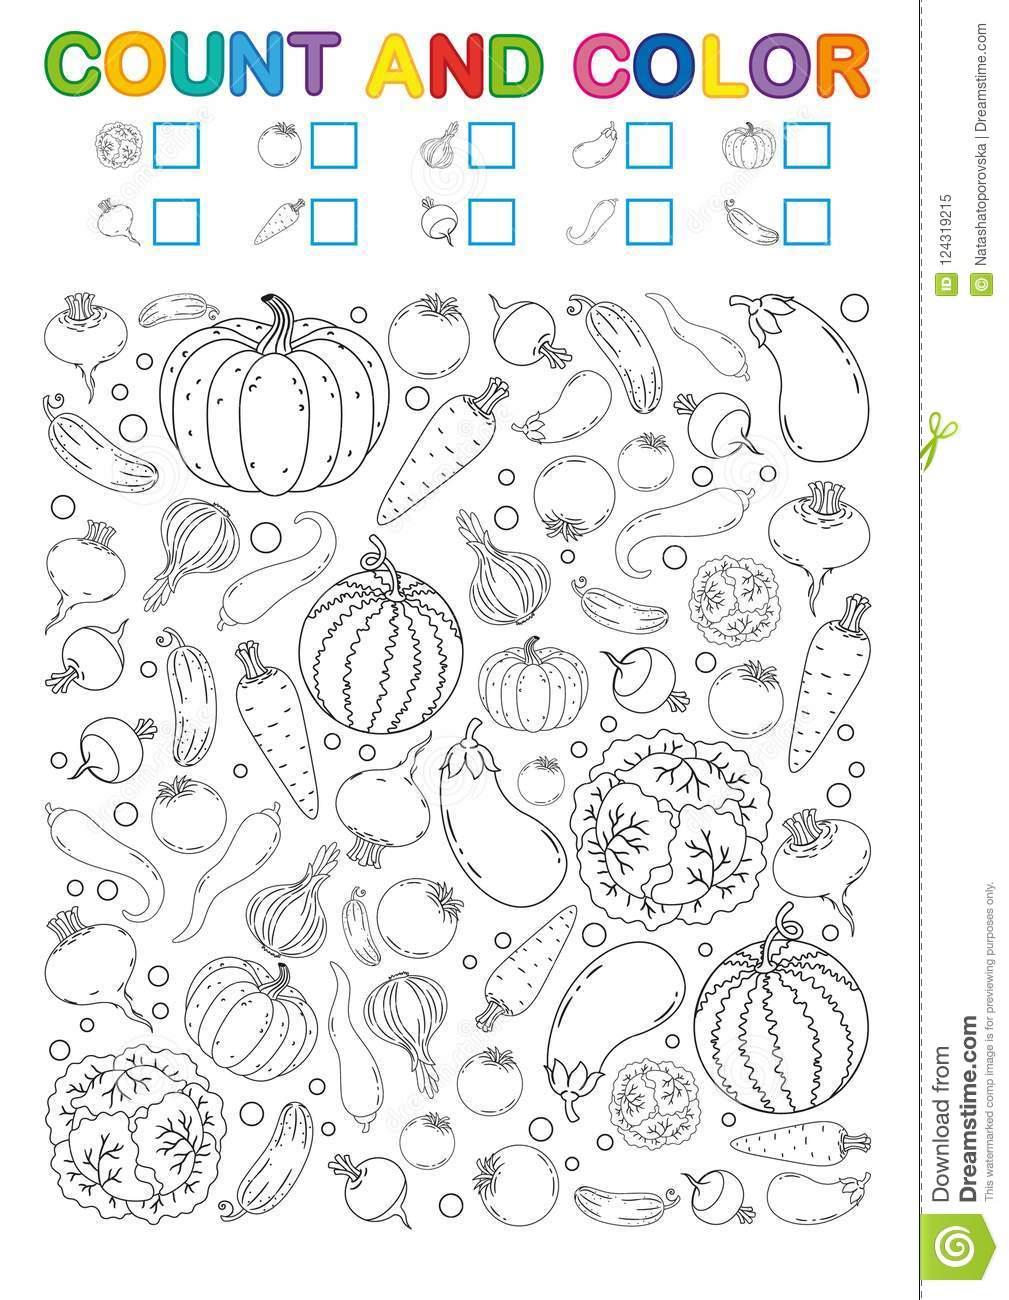 Malbuchseite Zählung Und Farbe Bedruckbares Arbeitsblatt Für über Vorschule Arbeitsblätter Kostenlos